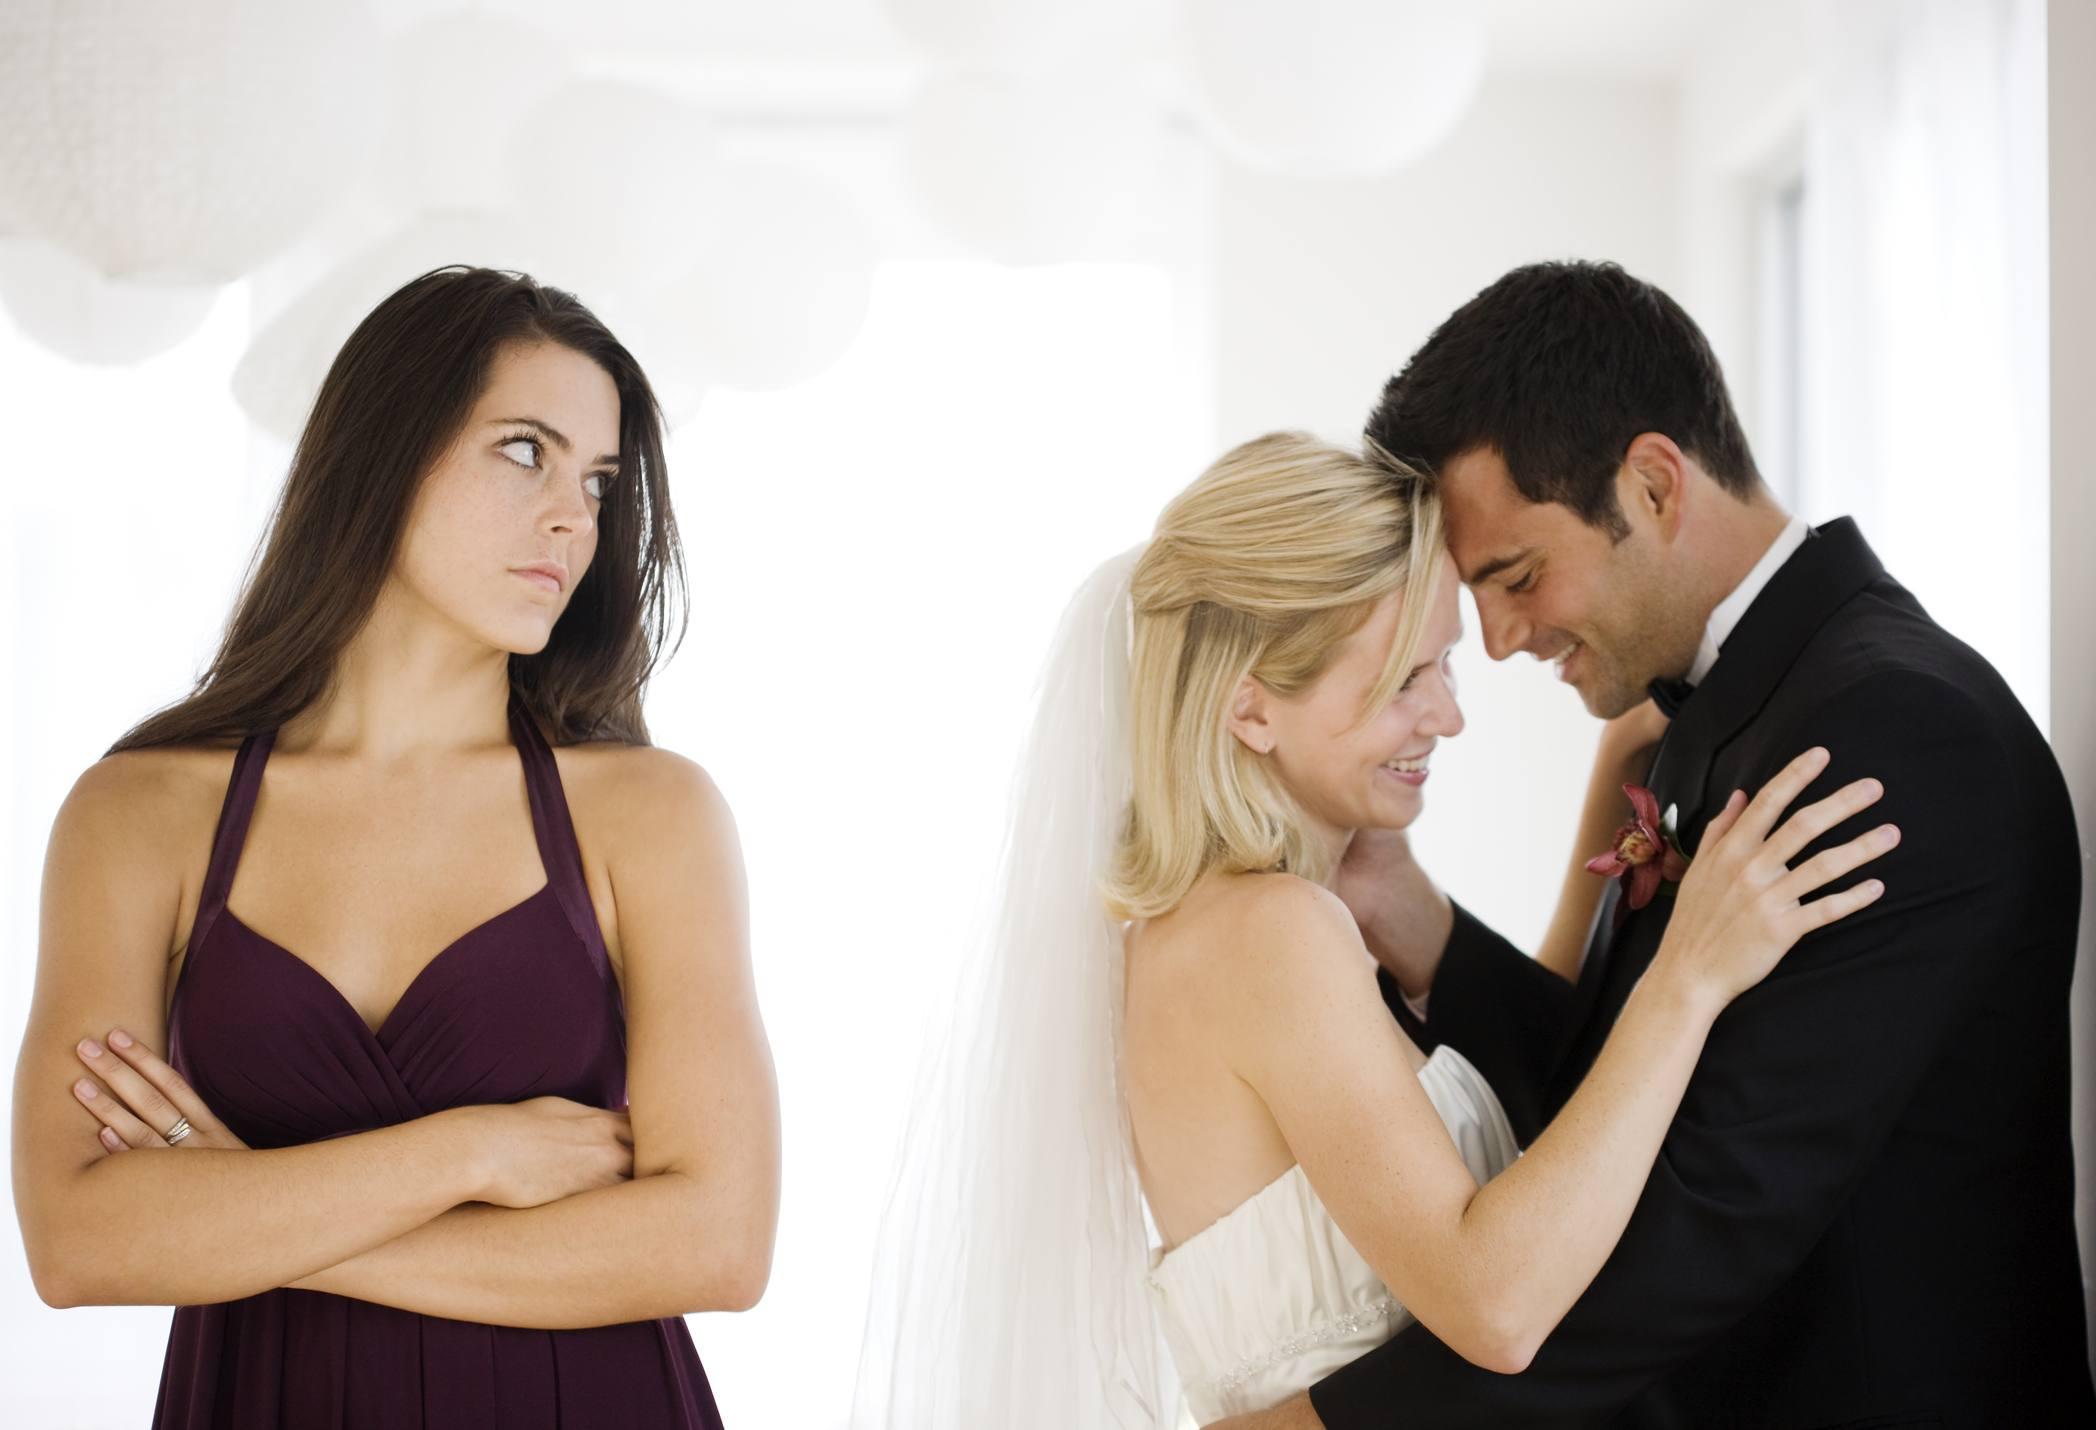 Ревнивый муж секс, Порно измена - топ Измены с интересным сюжетом! 34 фотография